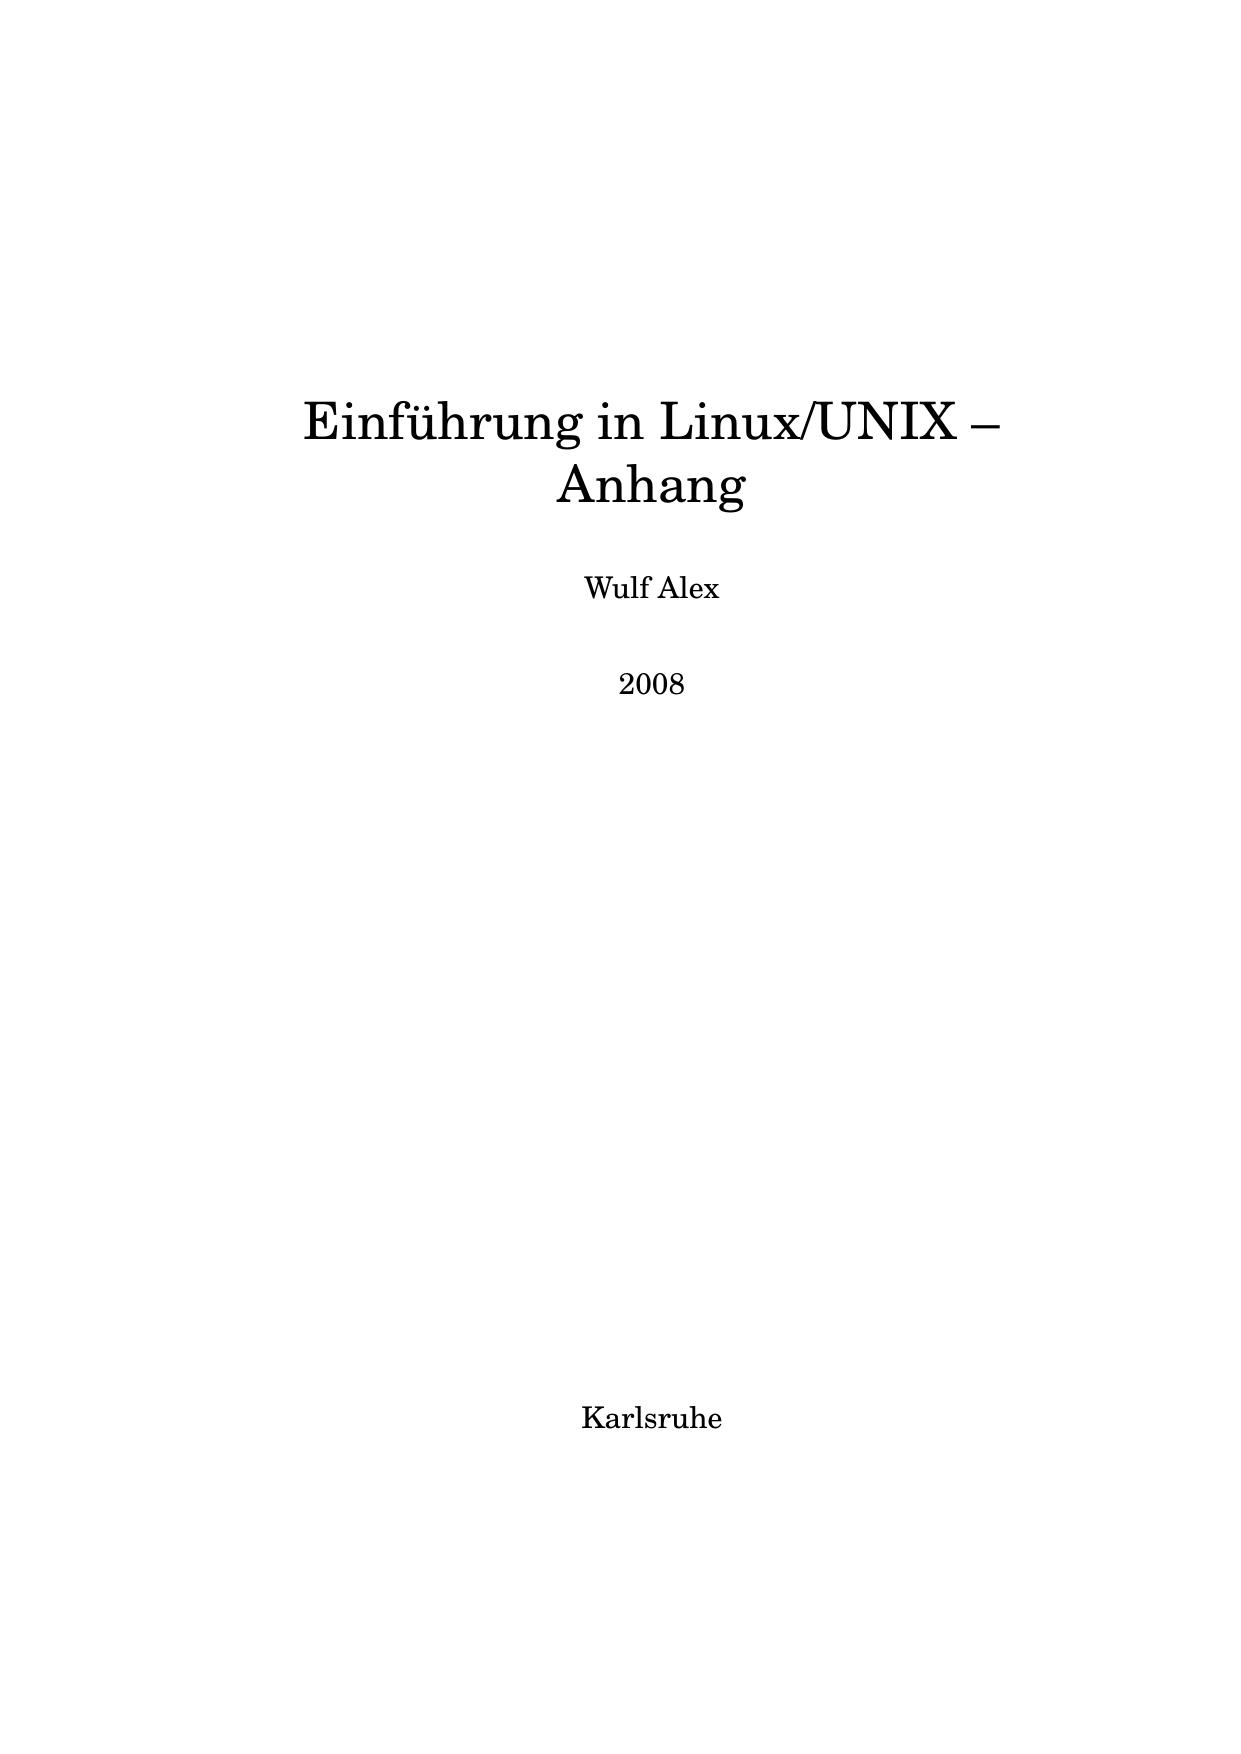 Park Der Gärten Kommende Veranstaltungen Luxus Einführung In Linux Unix – Anhang